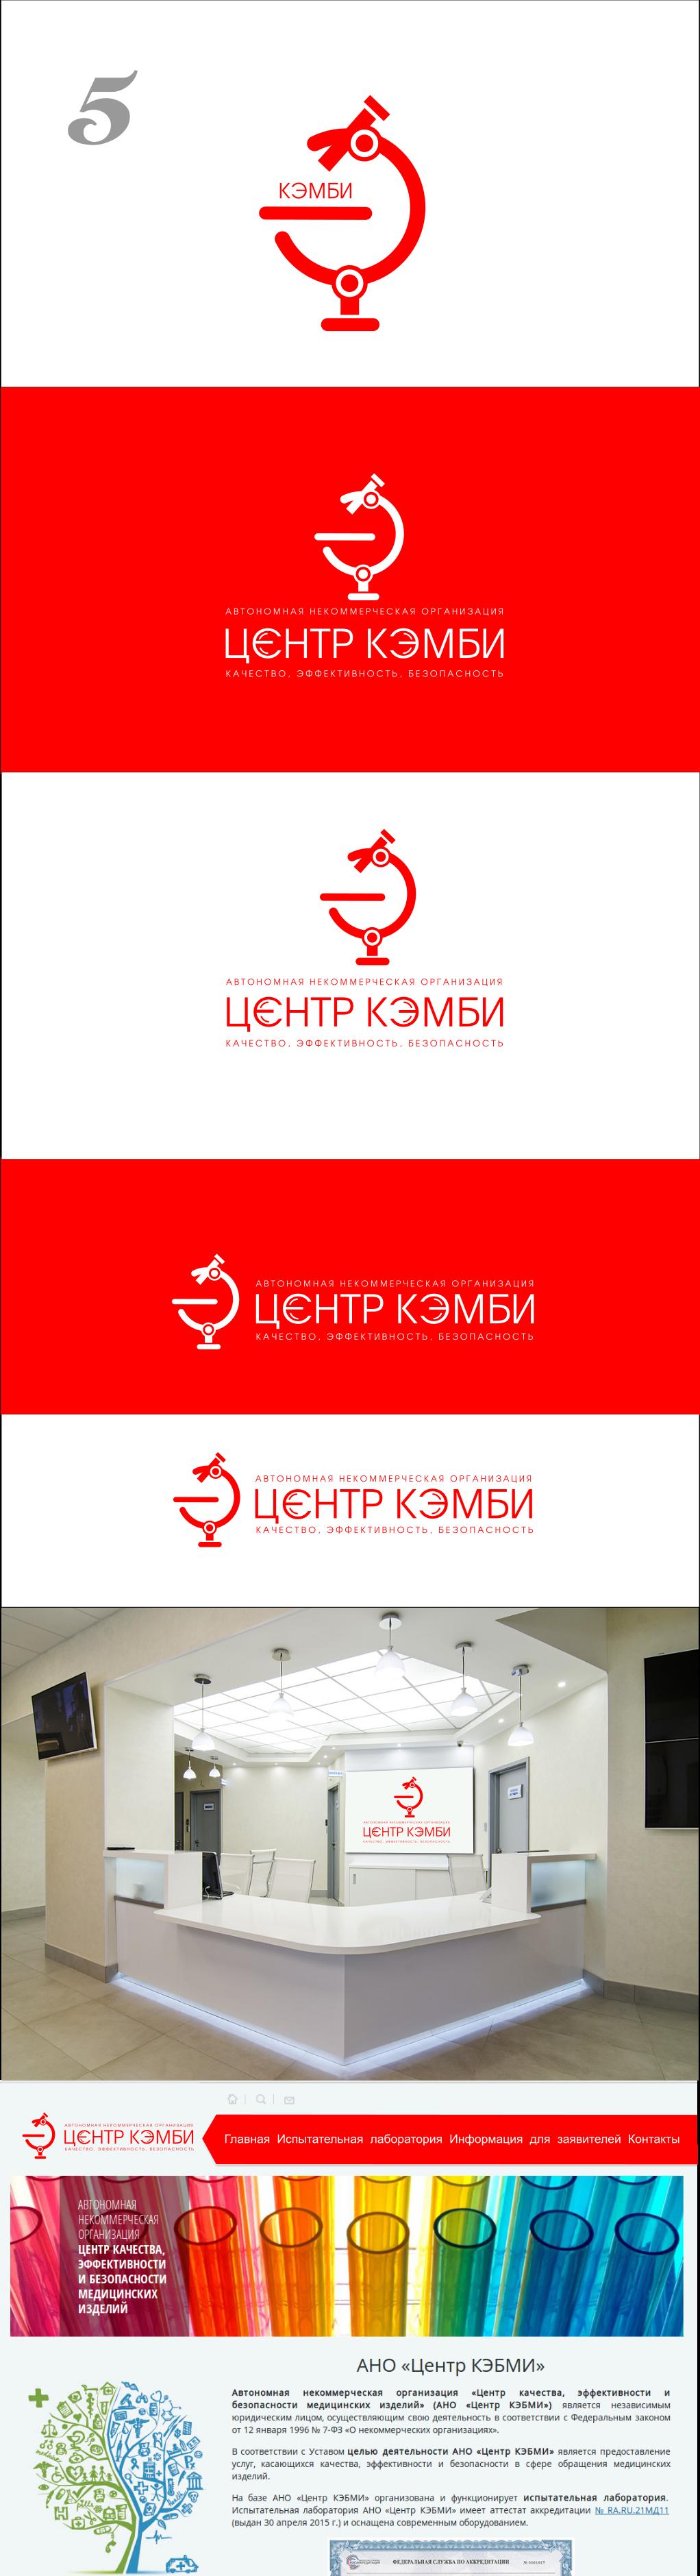 Редизайн логотипа АНО Центр КЭБМИ - BREVIS фото f_2015b1fa8e34a0de.png